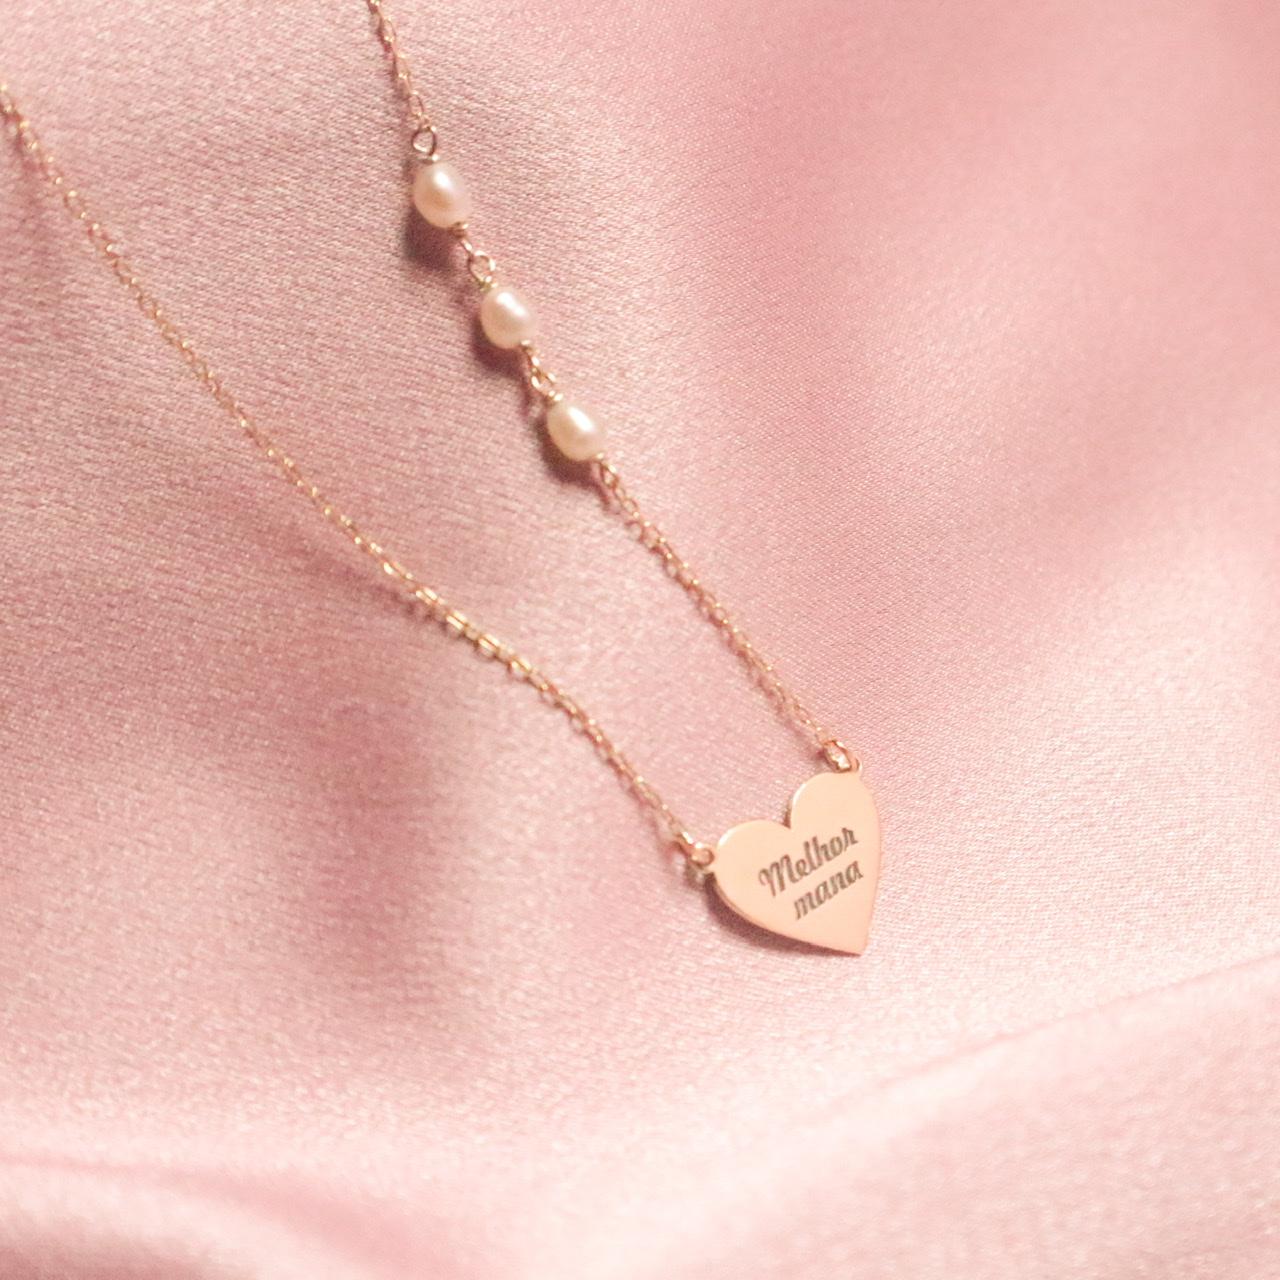 Colar coração | amor é encontrar um lar noutro peito